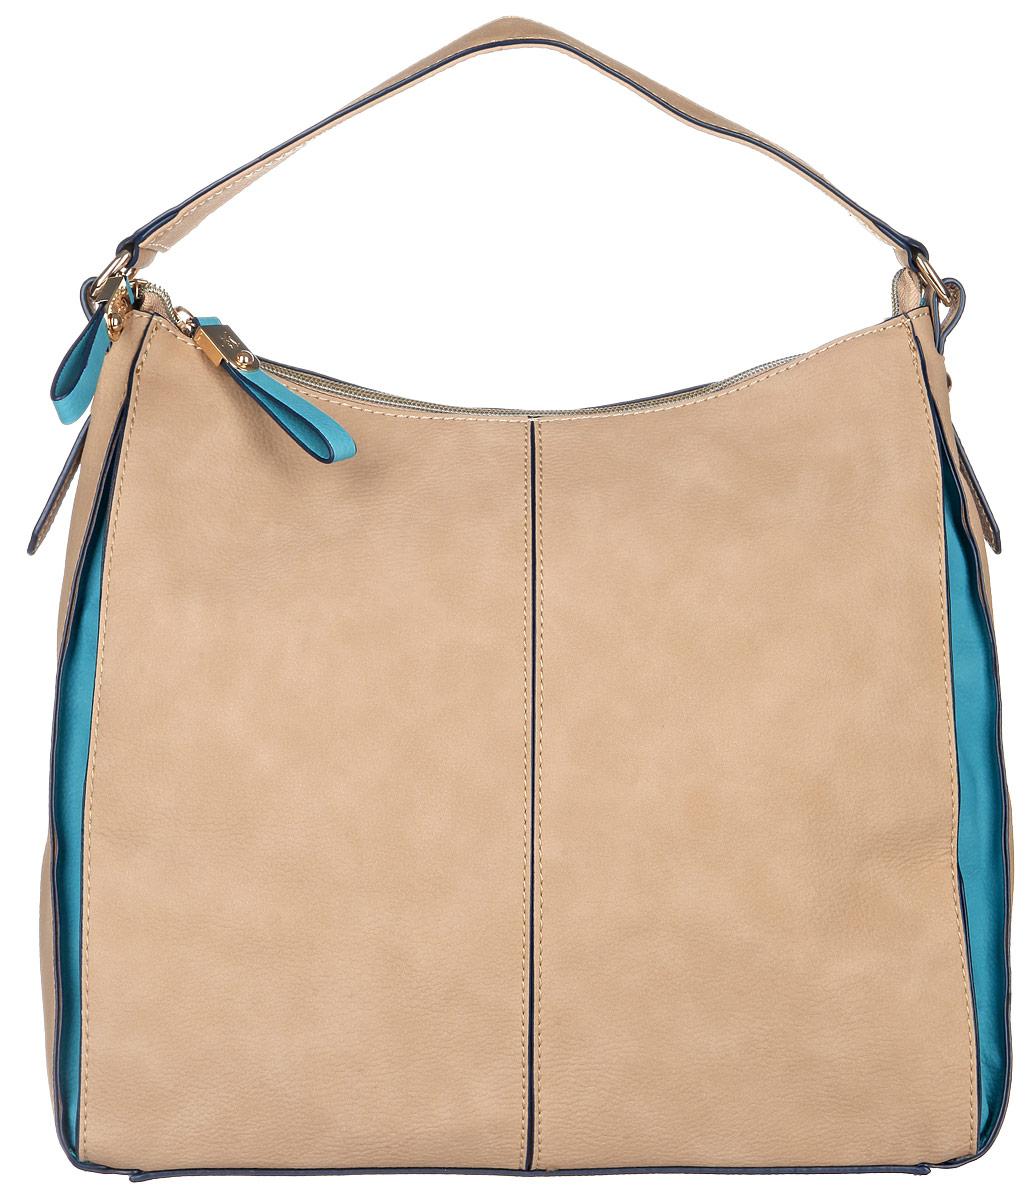 Сумка женская Jane Shilton, цвет: бежевый, бирюзовый. 205410130-11Стильная женская сумка Jane Shilton, выполненная из искусственной кожи, дополнена фирменным брелоком. Изделие имеет одно основное отделение, закрывающееся на застежку-молнию. Внутри находятся прорезной карман на застежке-молнии и накладной открытый карман. Снаружи, на задней стенке расположен прорезной карман на застежке-молнии. Модель оснащена одной удобной ручкой. Роскошная сумка внесет элегантные нотки в ваш образ и подчеркнет ваше отменное чувство стиля.